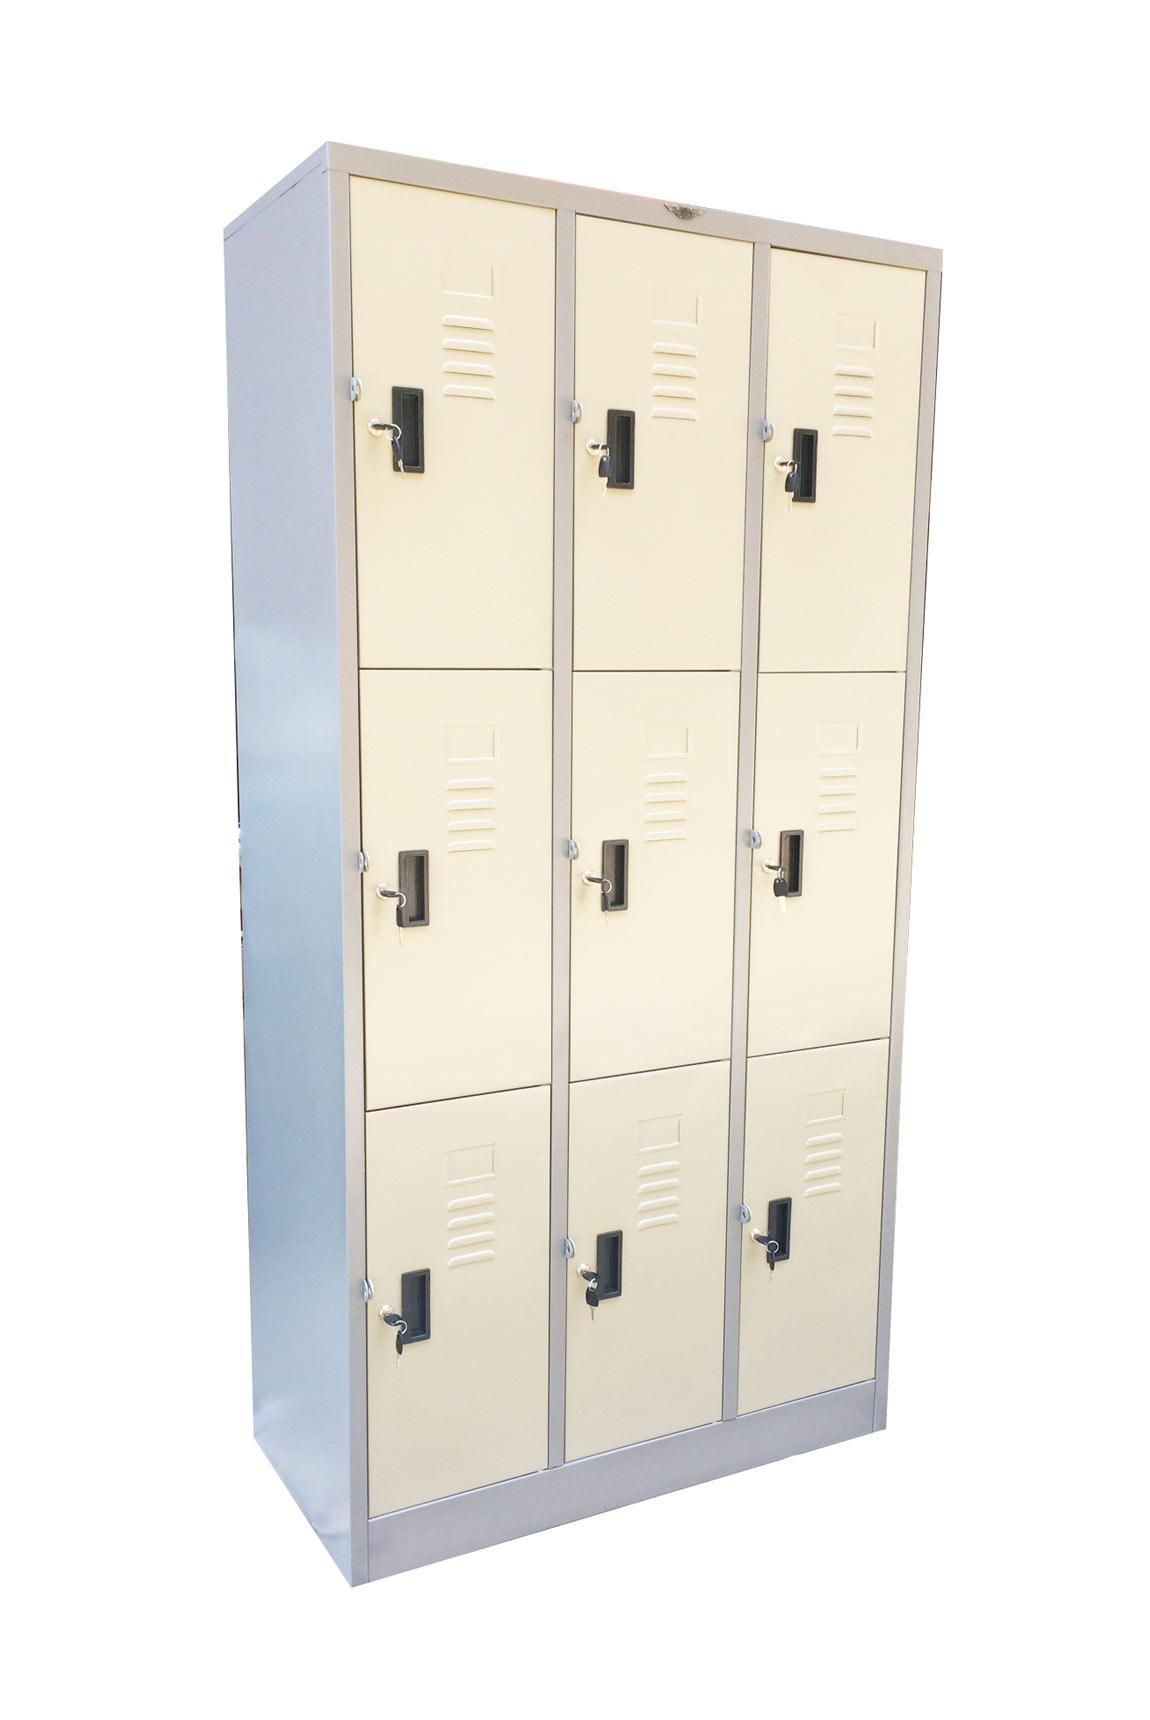 ตู้ล๊อคเกอร์ 9 ช่อง รุ่นประหยัด LK-9 Elegant 91.4*45.7*183 CM